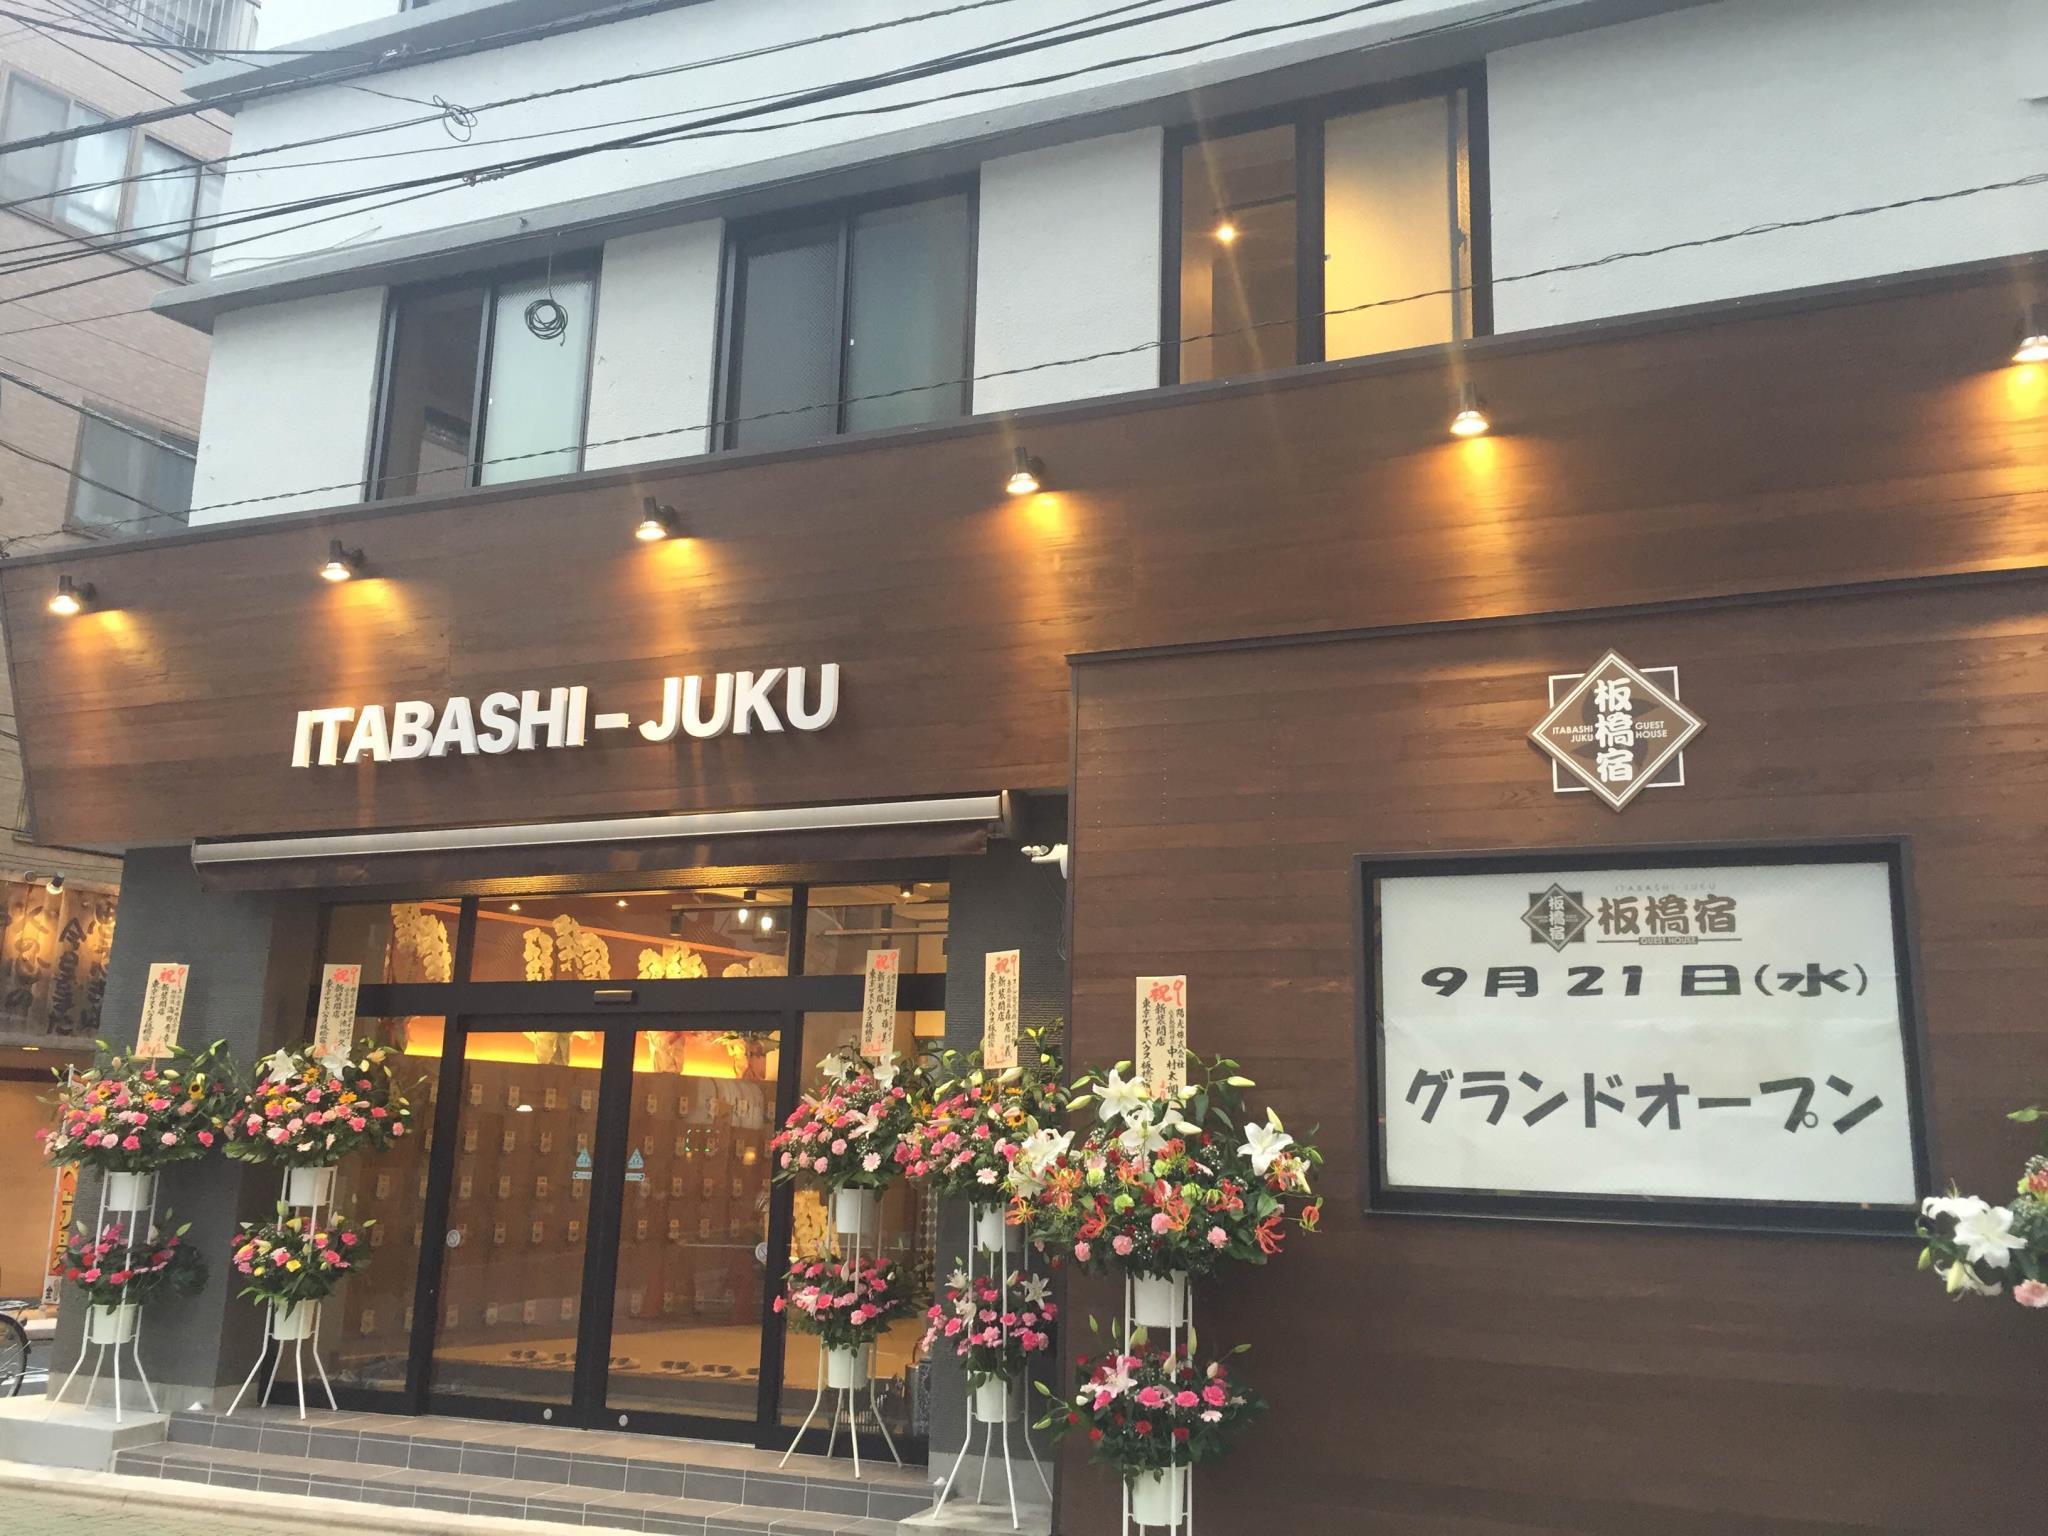 TOKYOGUESTHOUSE ITABASHI-JUKU, Itabashi